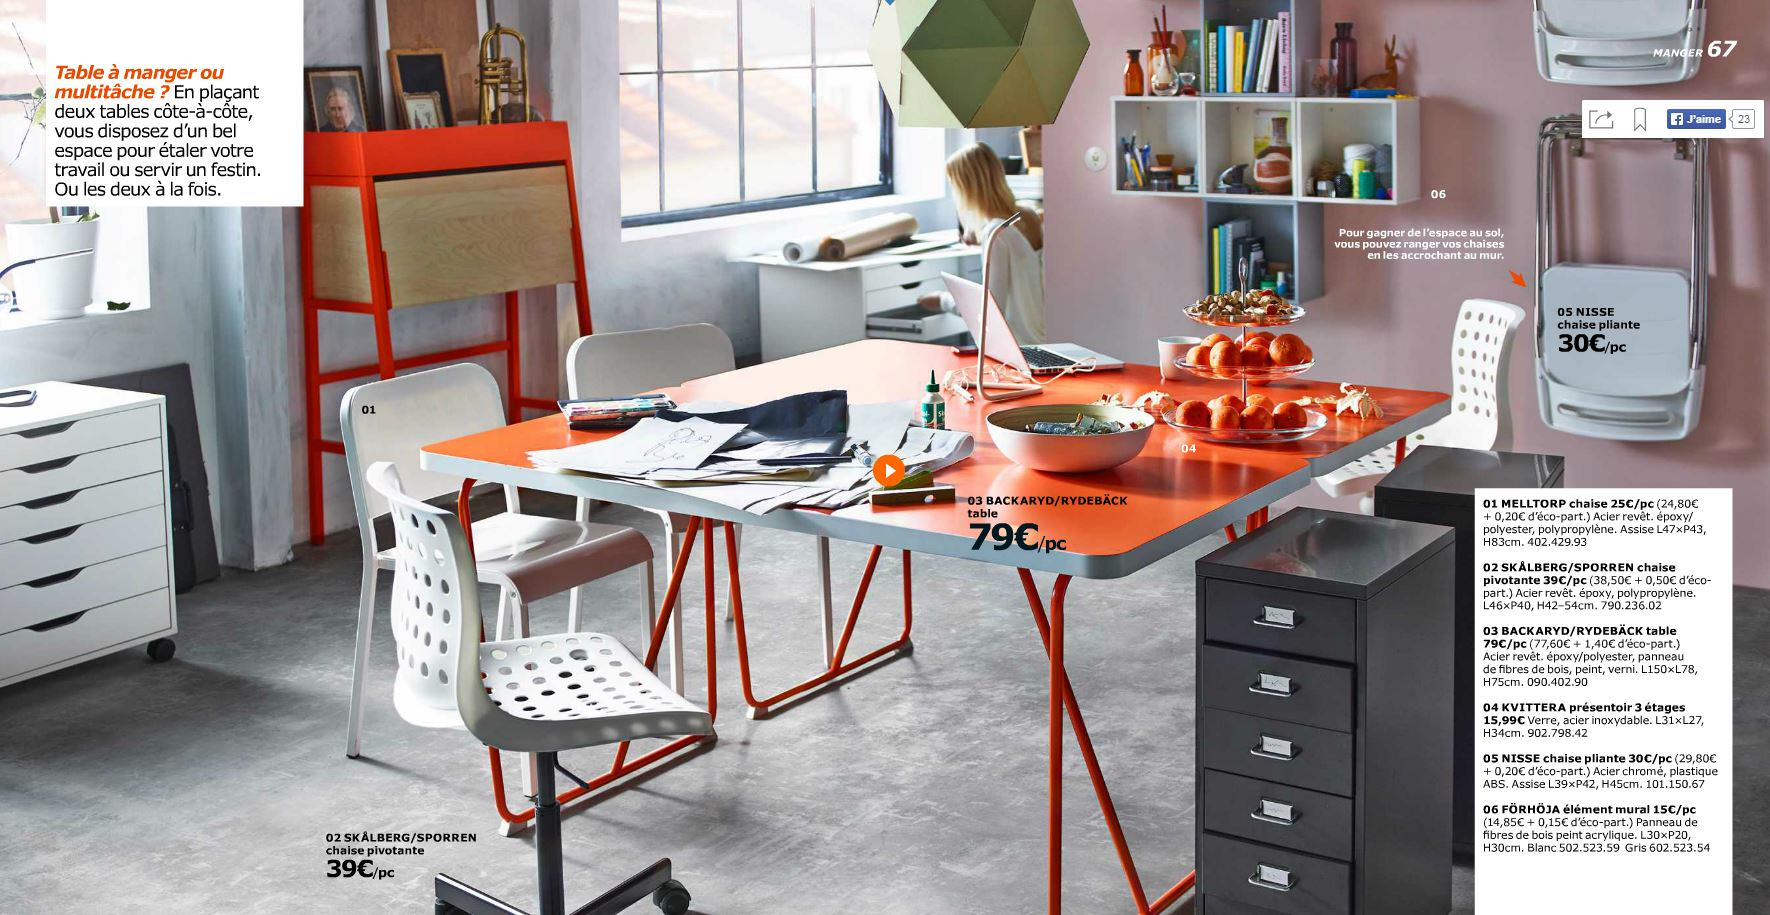 Casier Acier Ikea Affordable Design Pour Tagre U Comment